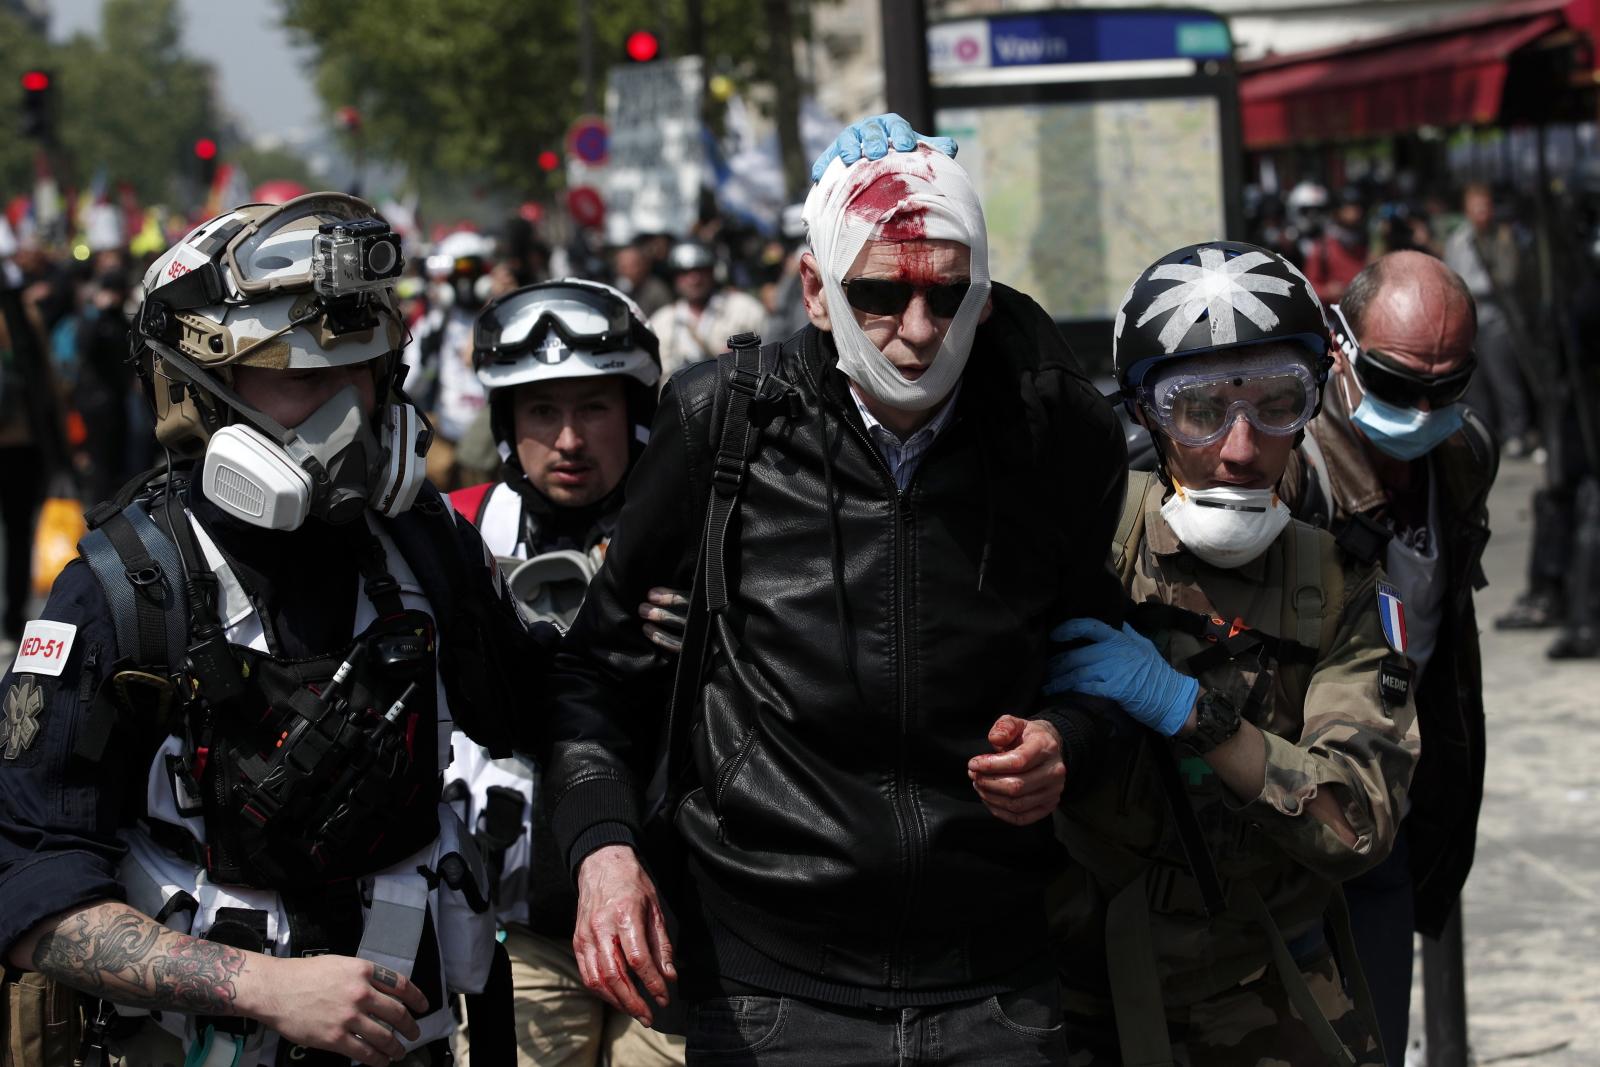 Święto Pracy we Francji  EPA/YOAN VALAT